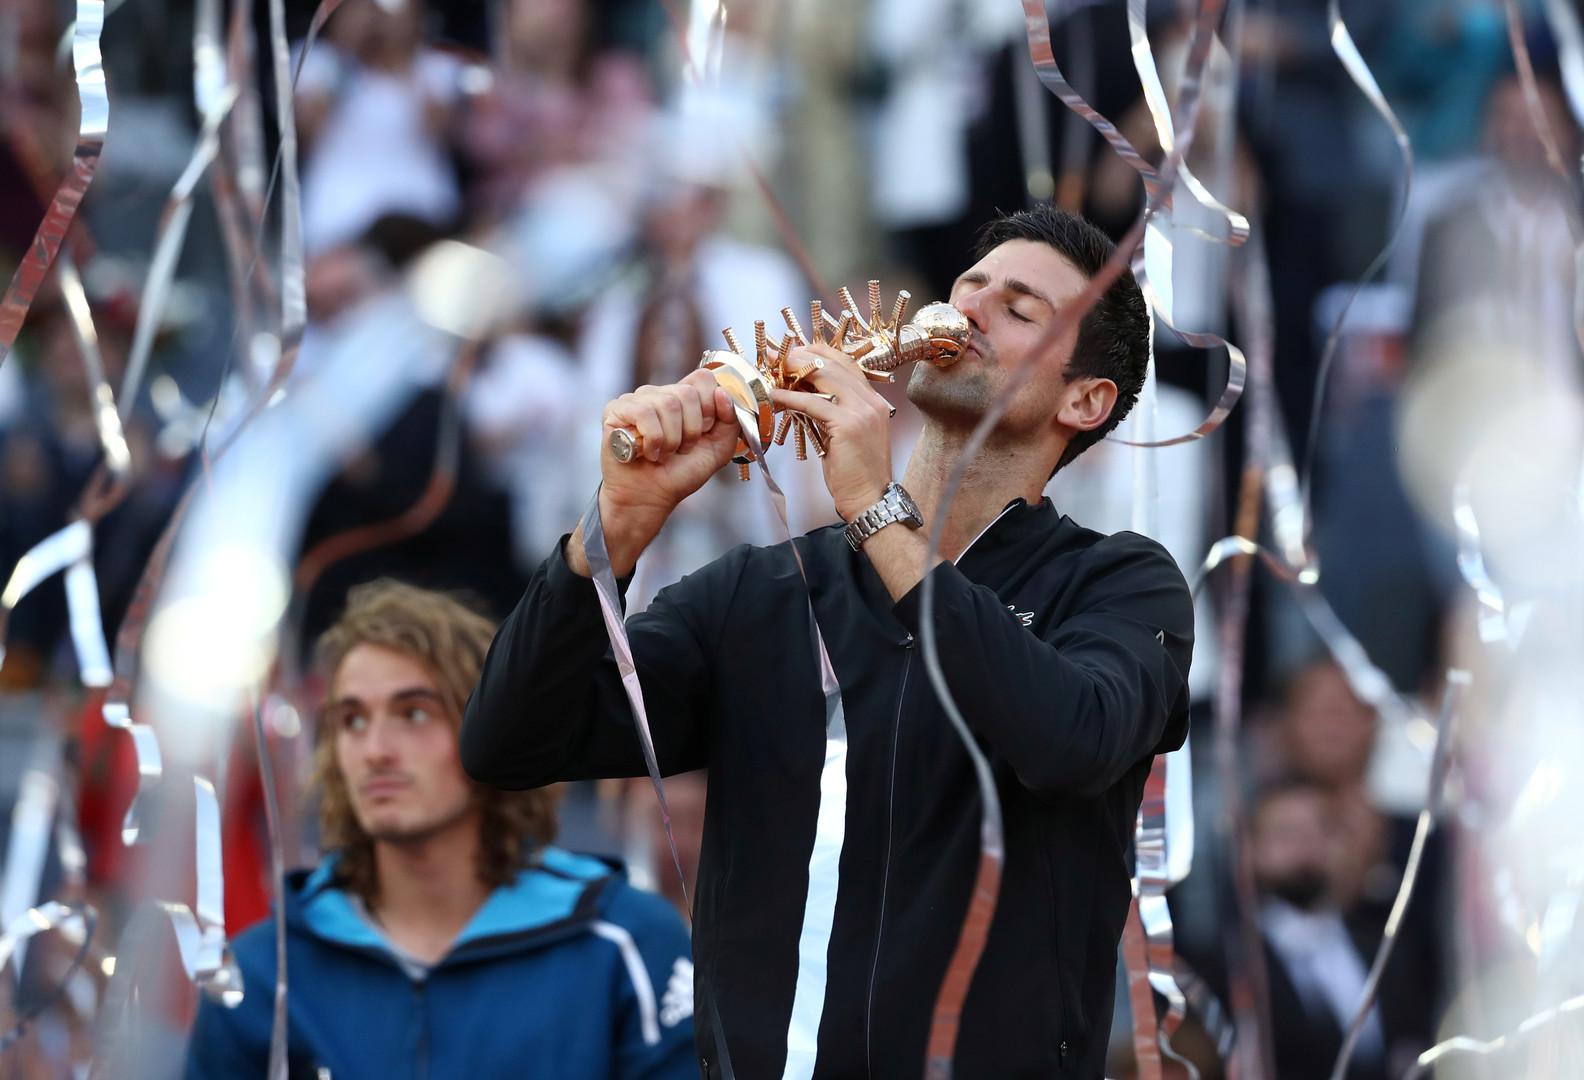 دجوكوفيتش يتوج بلقب مدريد ويحرم تسيتسيباس لقبا أول في الماسترز